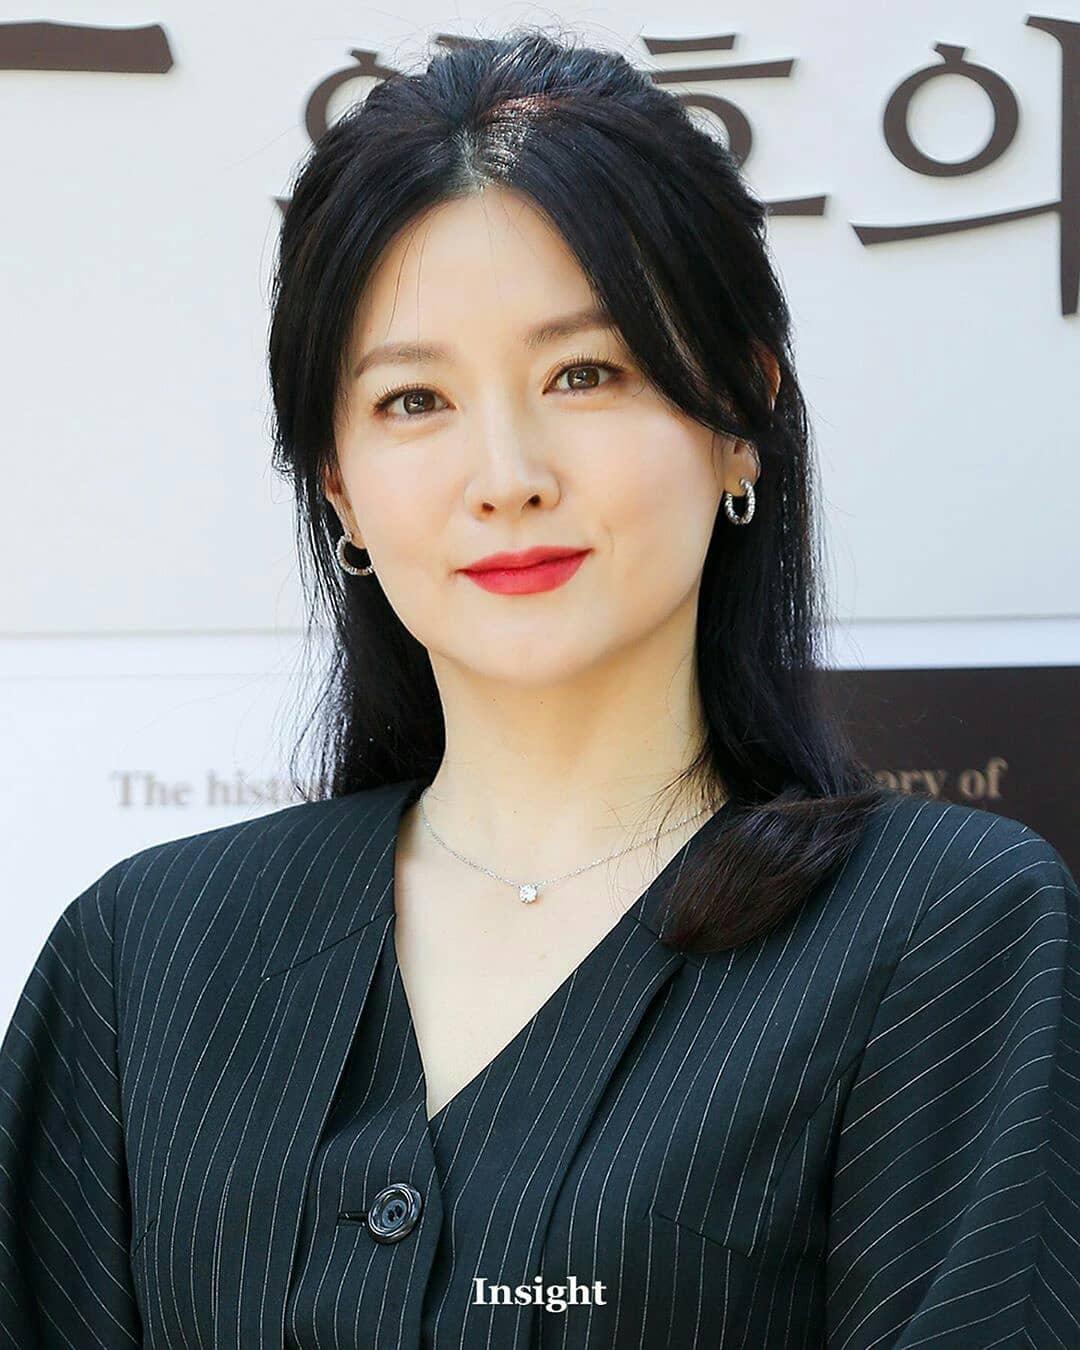 Gần 20 năm sau bộ phim Nàng Dae Jang Geum, ở tuổi 50 nữ chính vẫn tự tin với mặt mộc láng mịn: Bí mật nhan sắc nằm ở loại quả mà cô ăn mỗi tối - Ảnh 6.